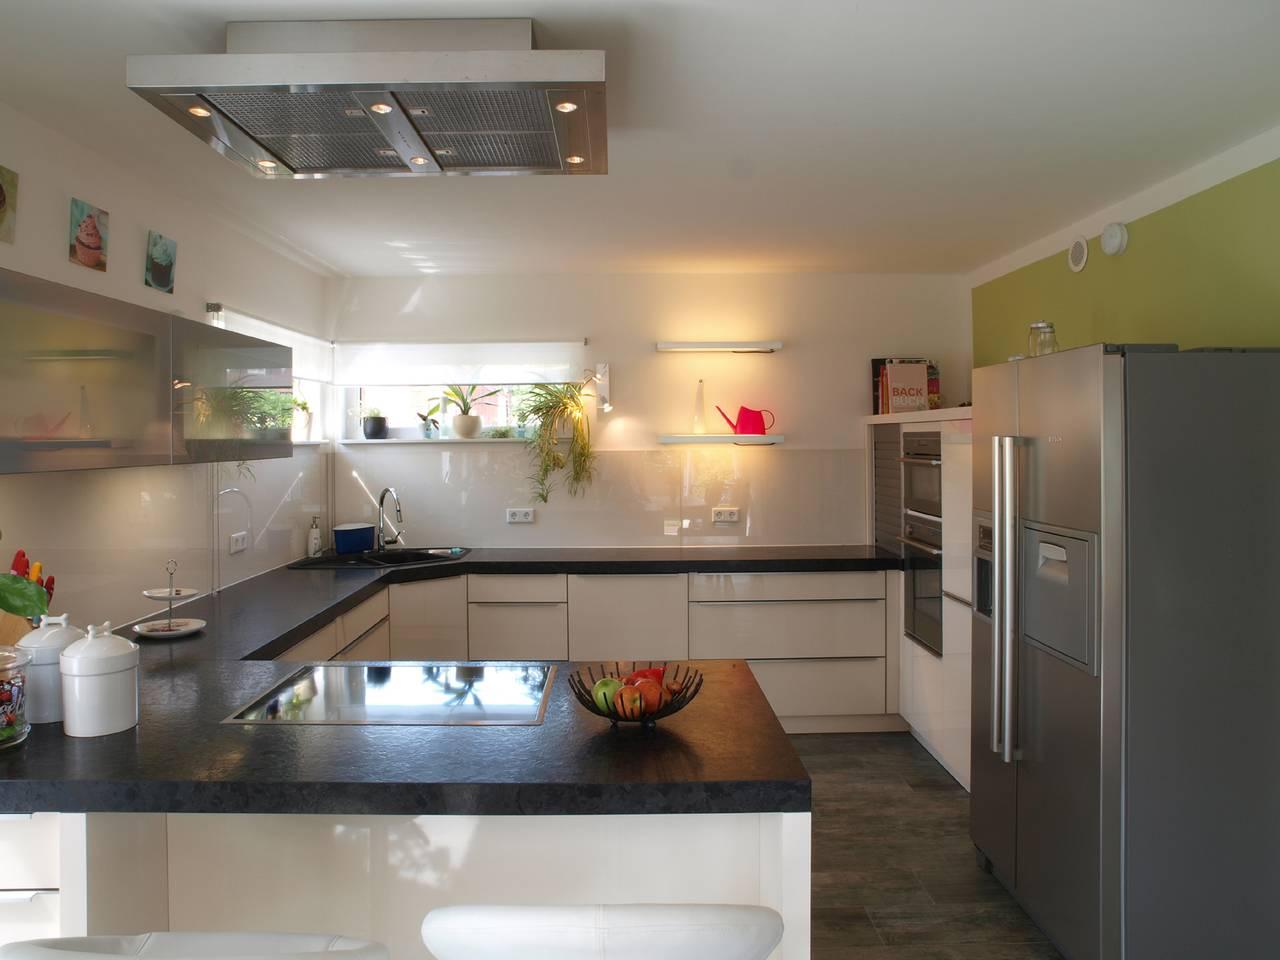 Full Size of Individuelle Küche Planen Küche Planen Programm Wo Günstig Küche Planen Lassen Steckdosen Küche Planen Küche Küche Planen